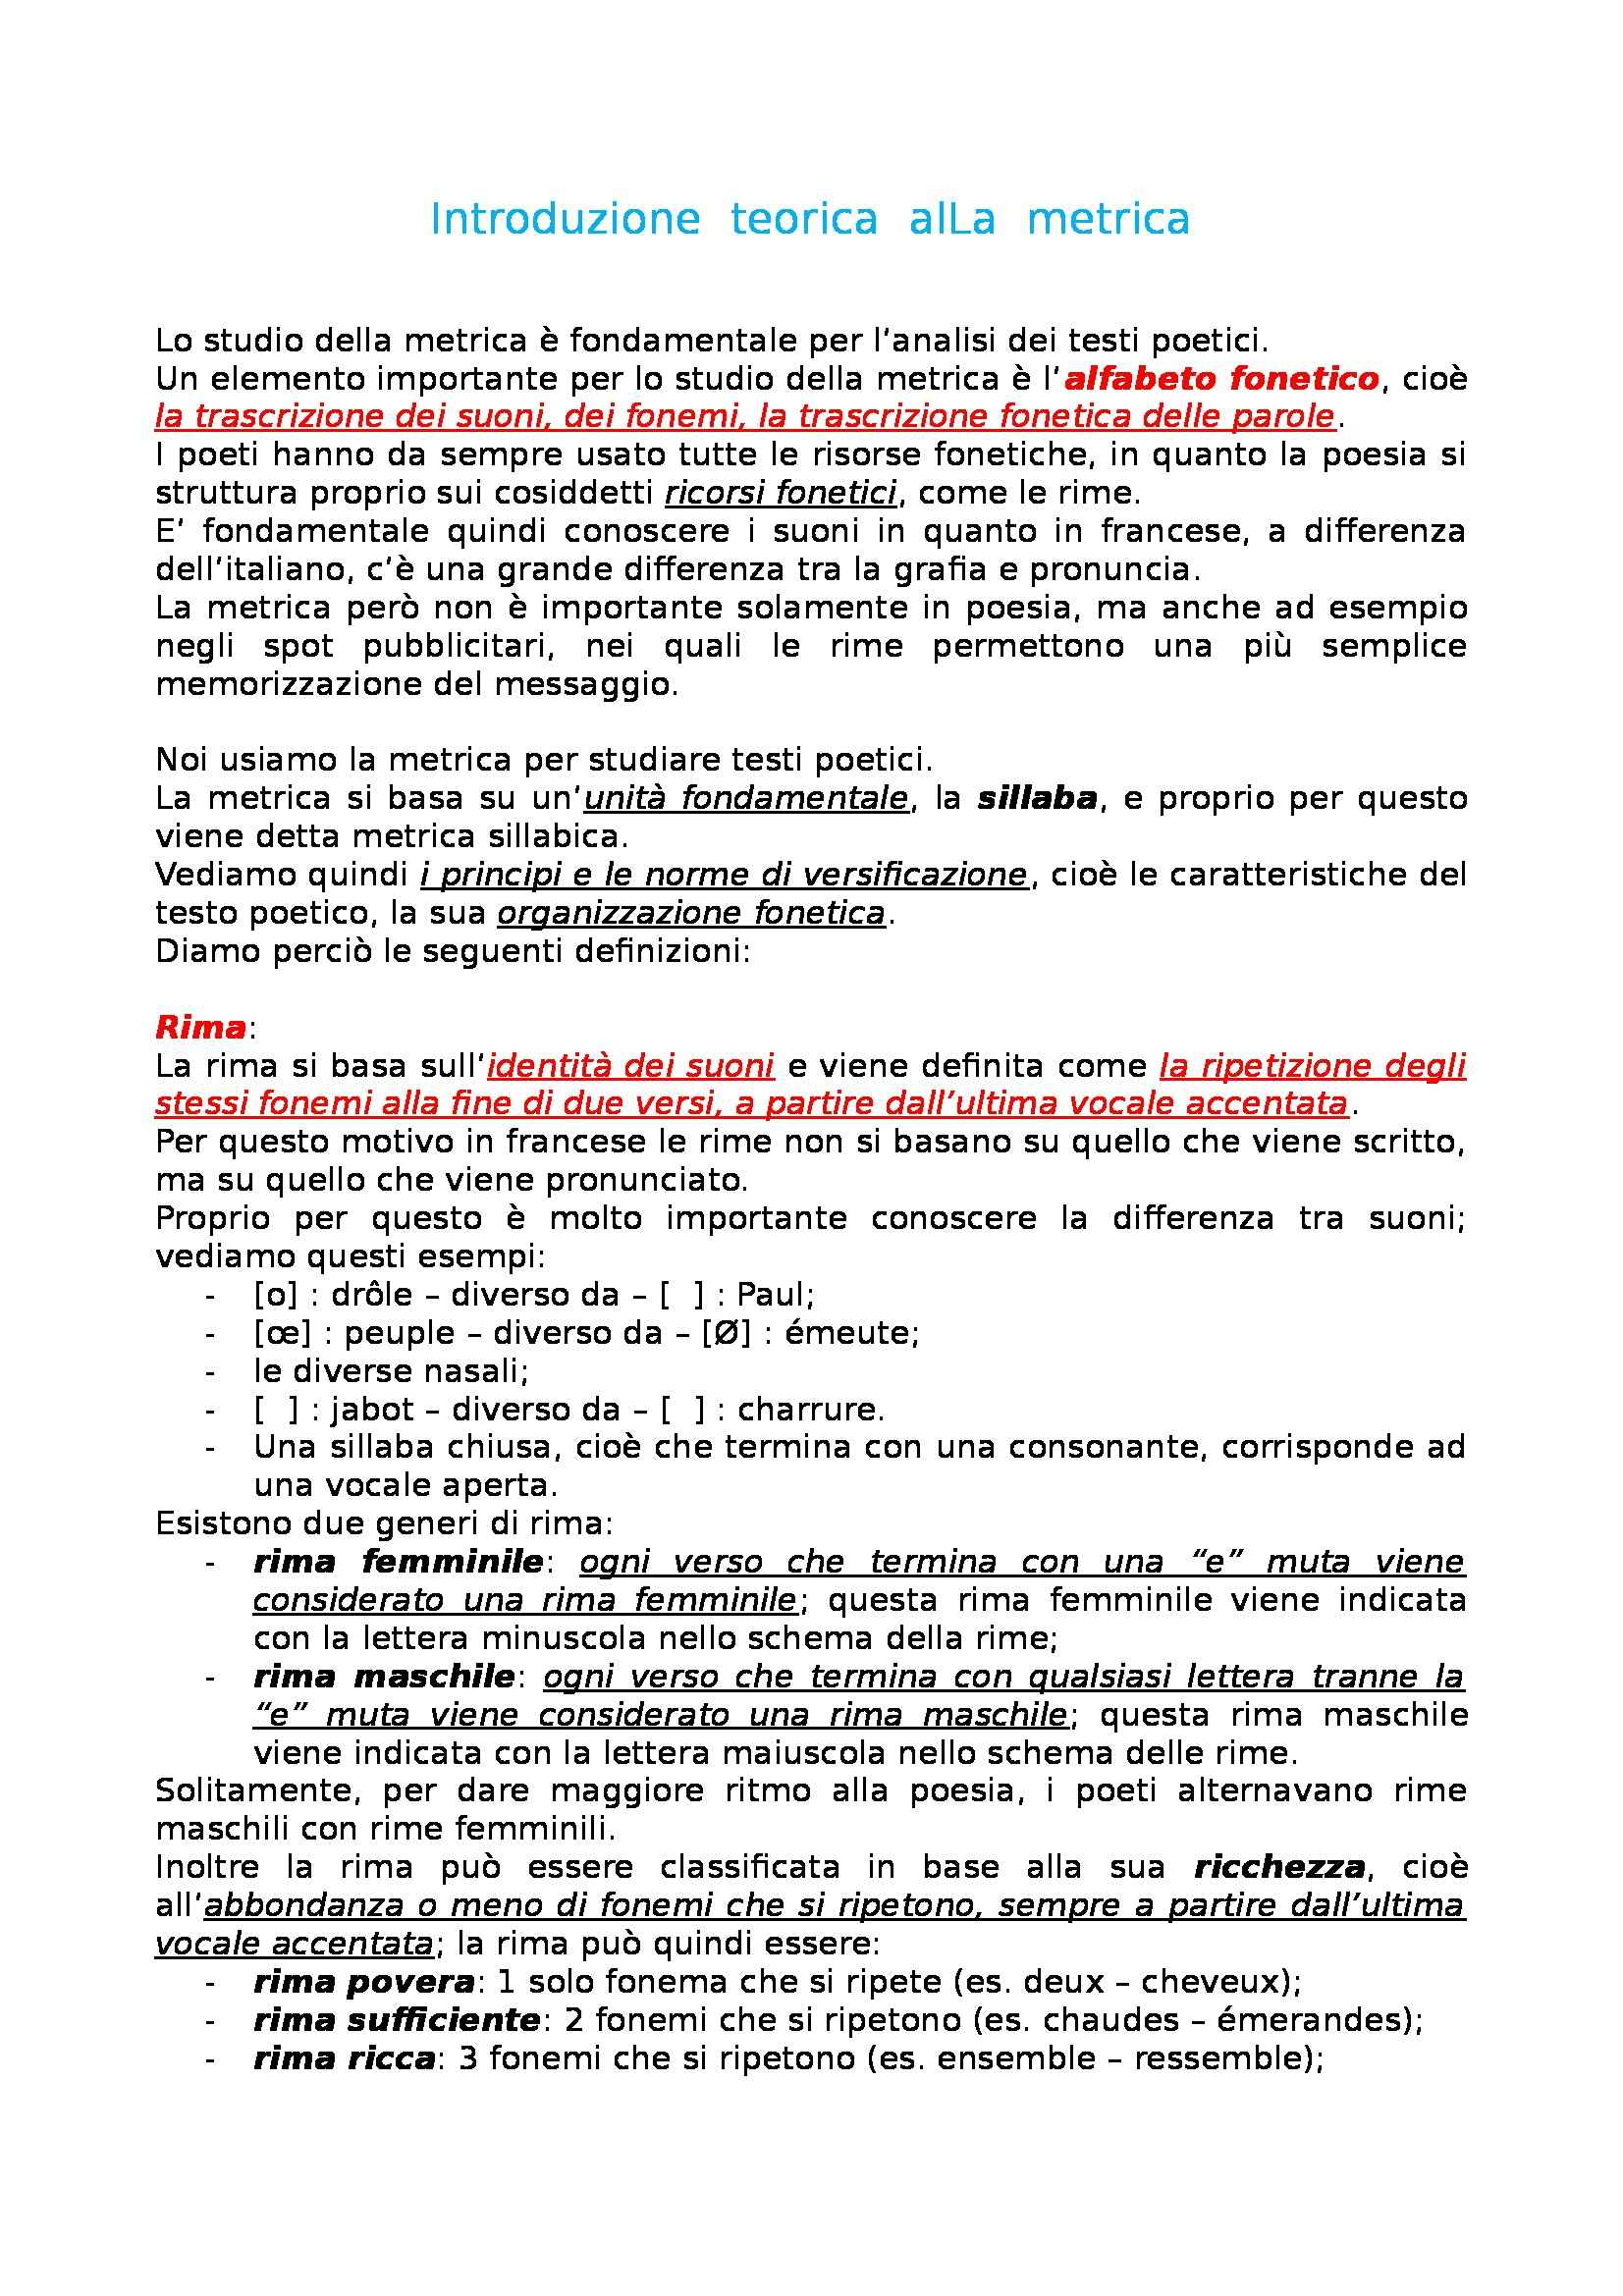 Letteratura francese - introduzione teorica alla metrica